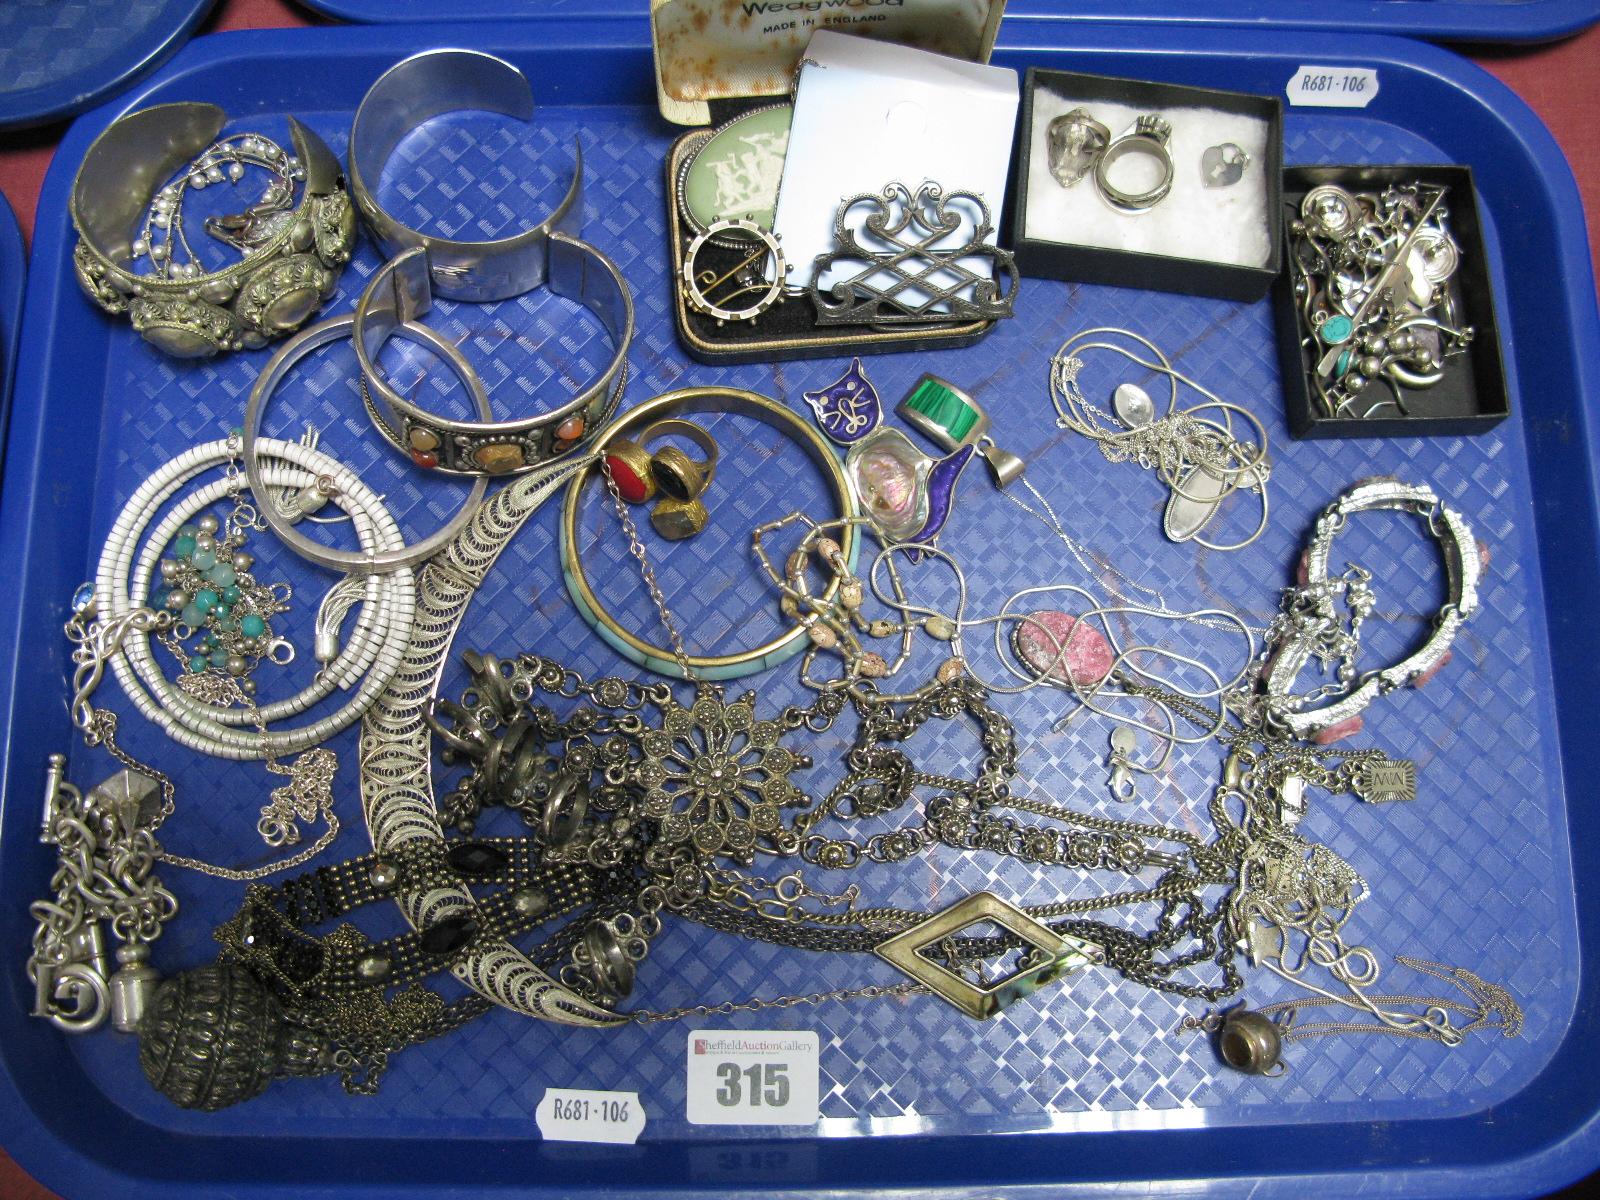 Lot 315 - A Hallmarked Silver Part Ladies Buckle, of openwork textured design, a Wedgwood green Jasperware